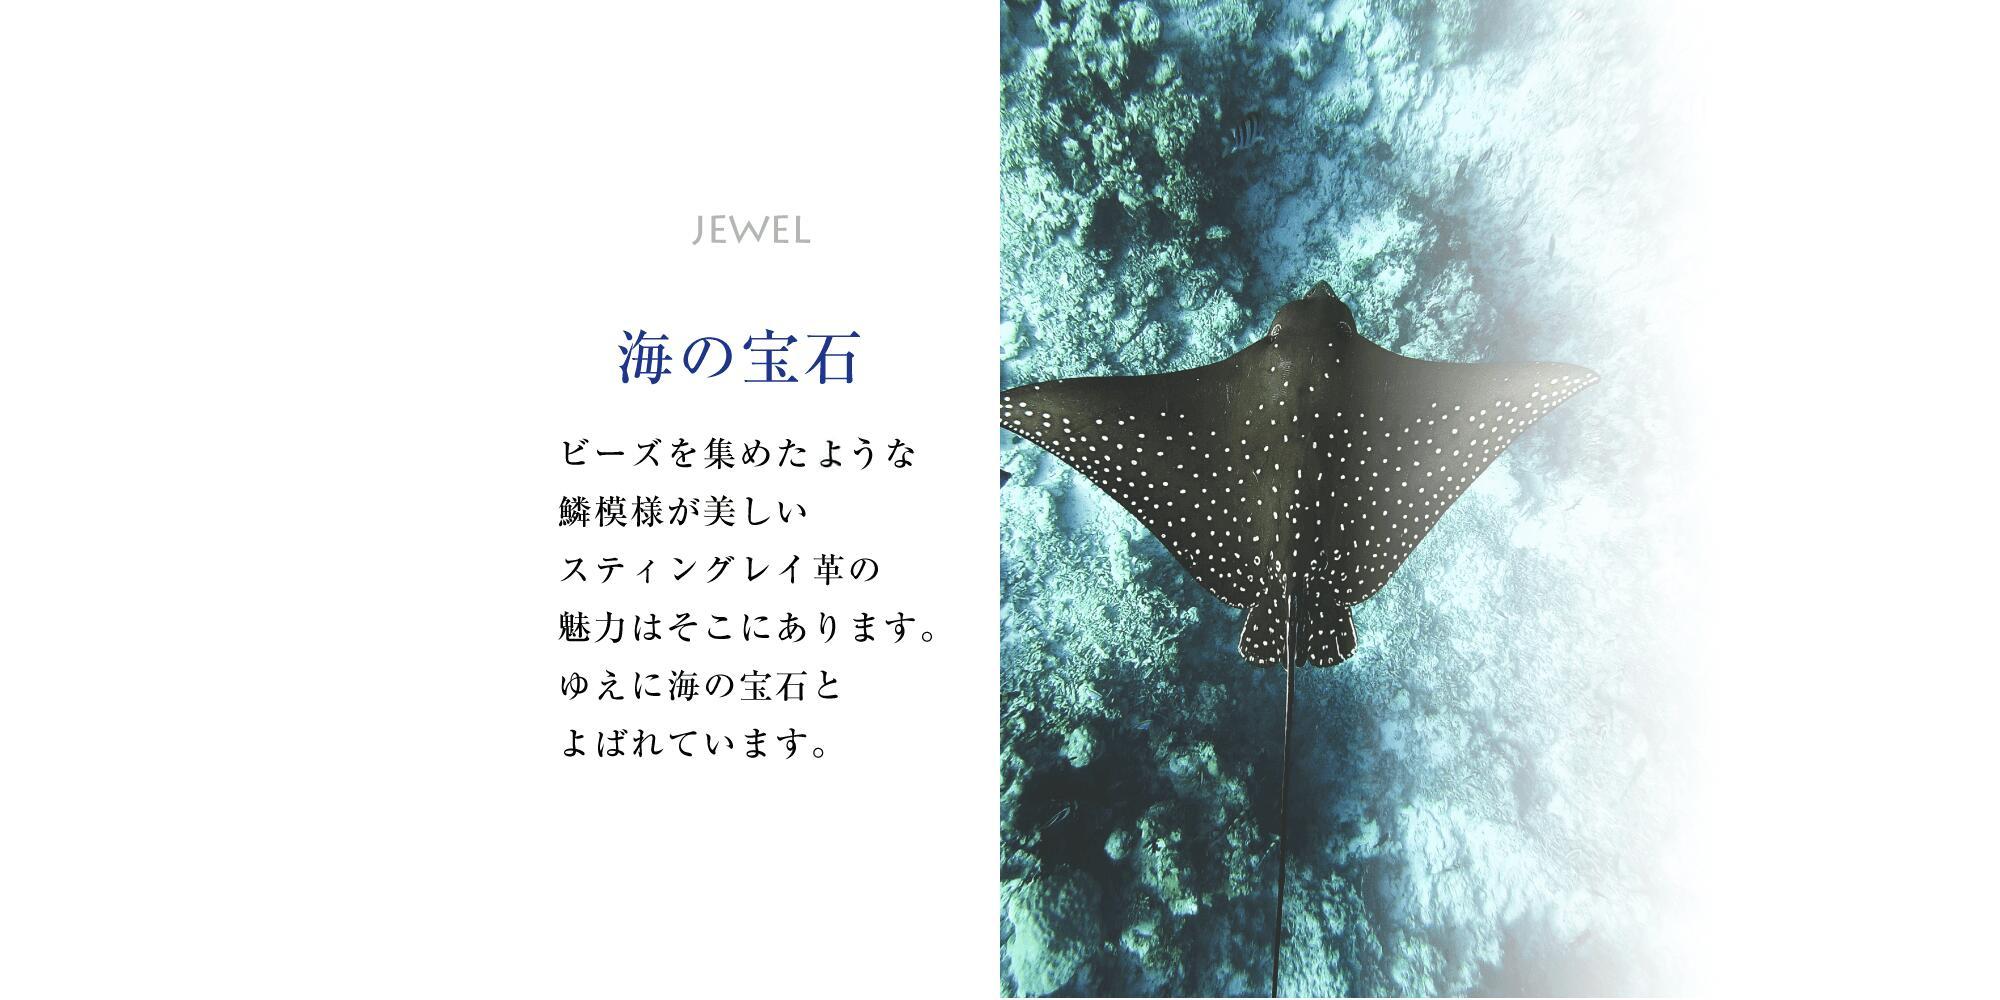 海の宝石ビーズをあつめたような鱗模様が美しい